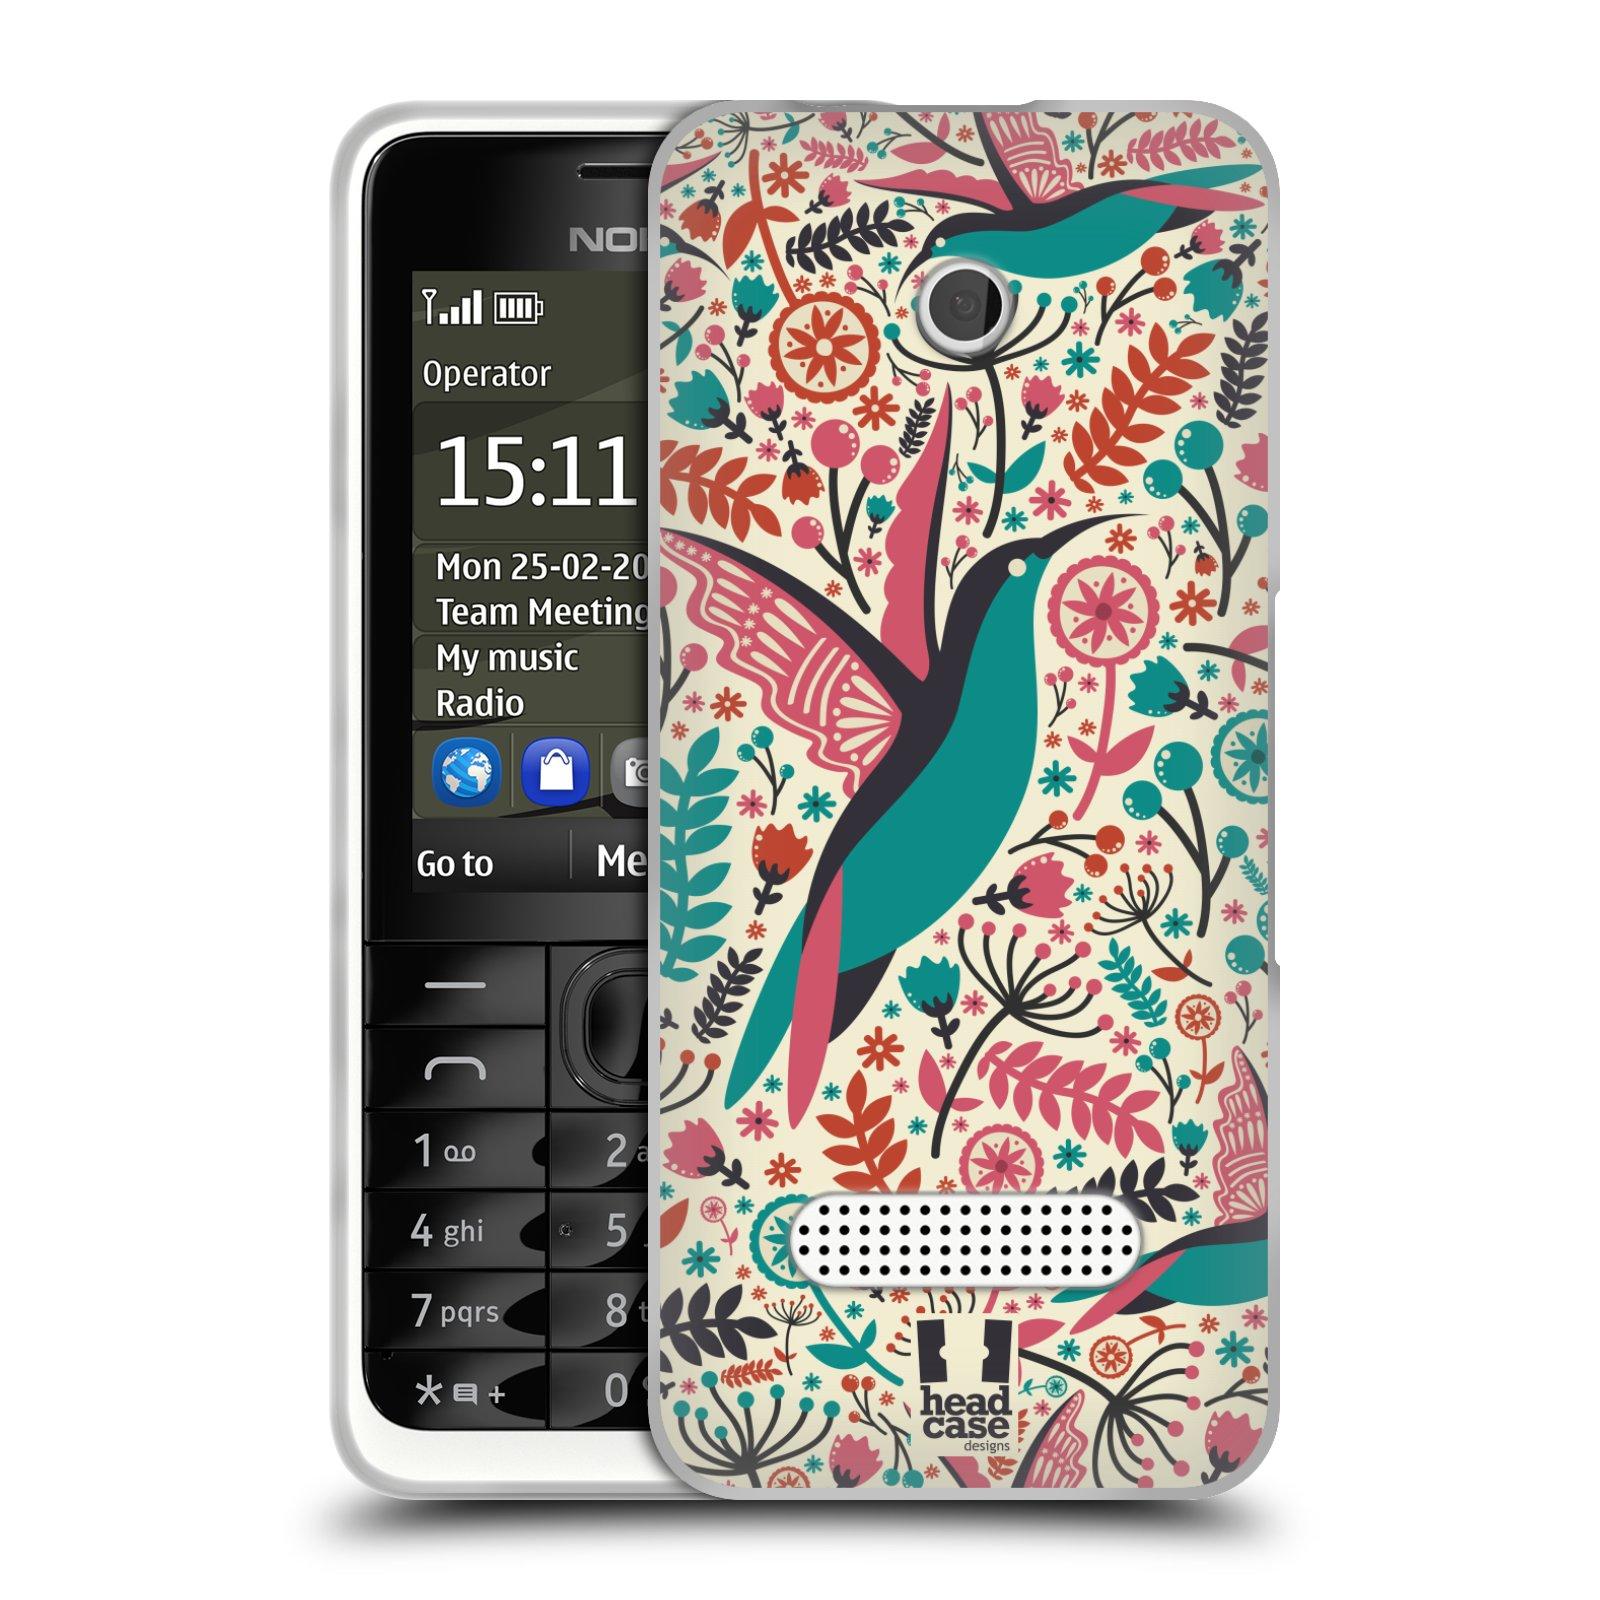 HEAD CASE silikonový obal na mobil NOKIA 301 vzor kreslení ptáci kolibřík